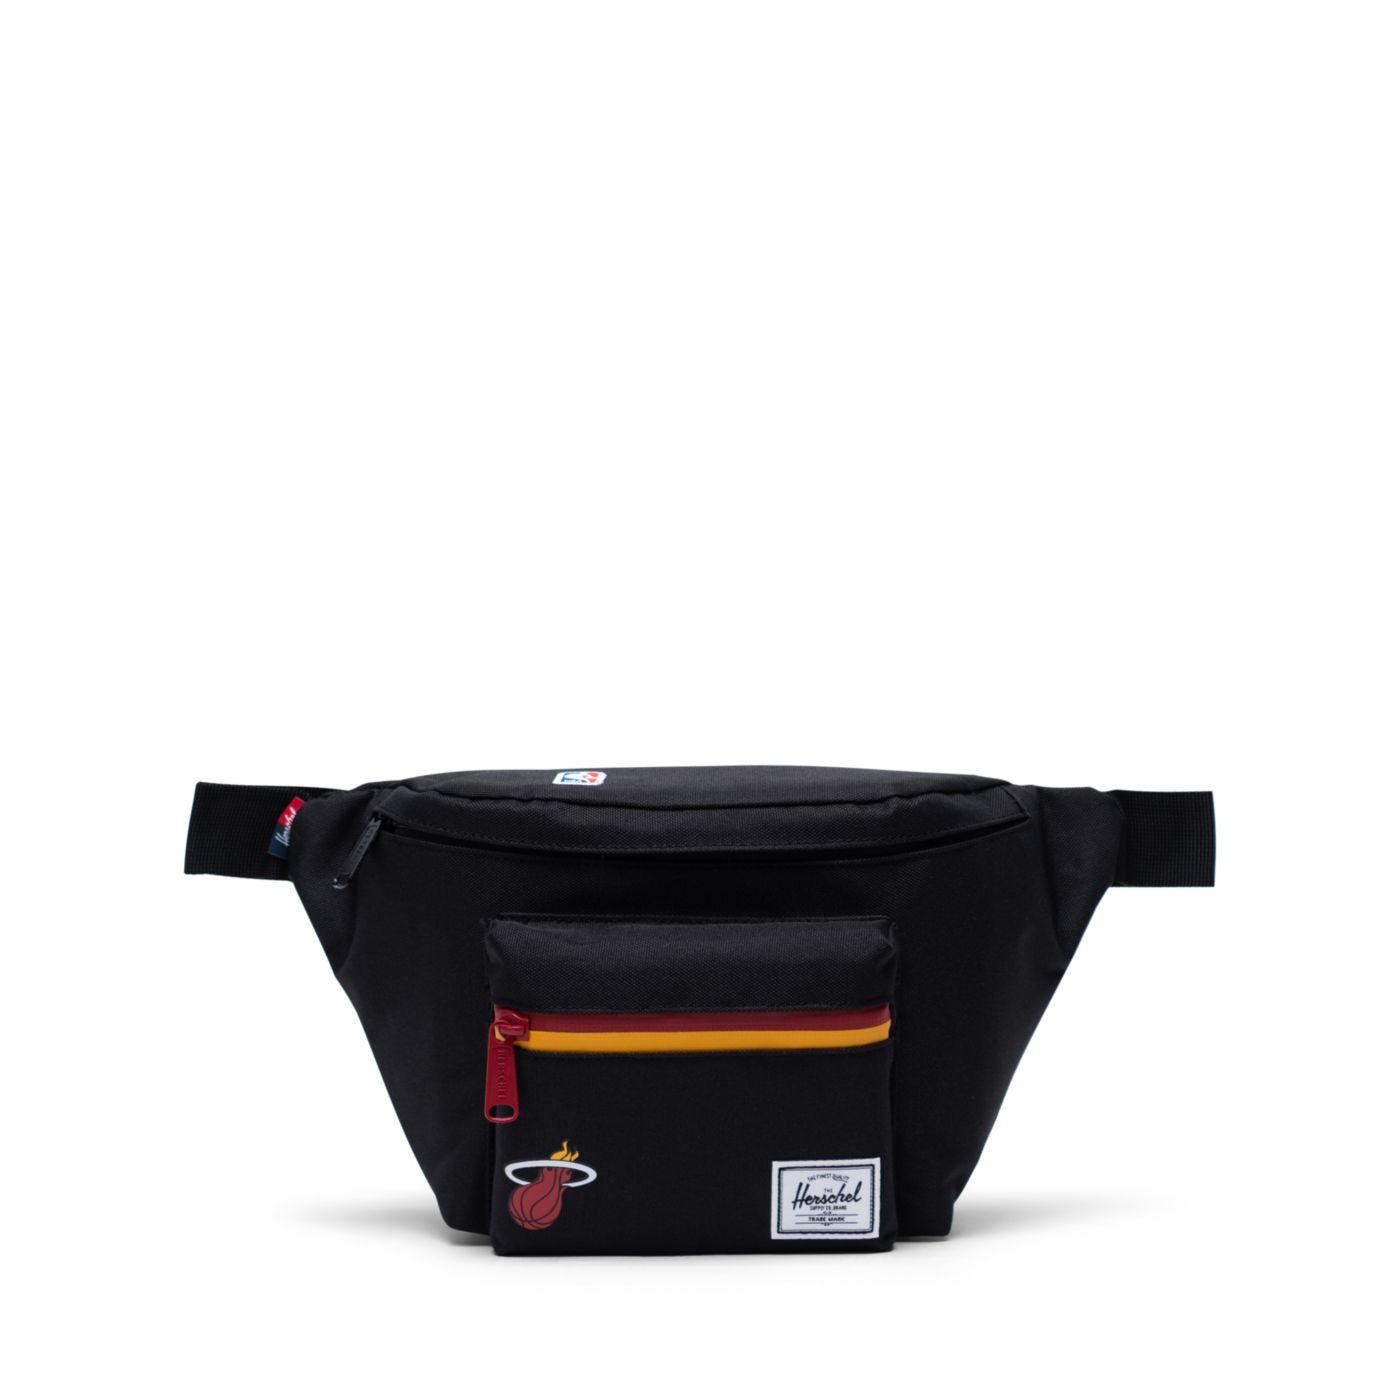 Herschel Miami Heat Black Hip Pack